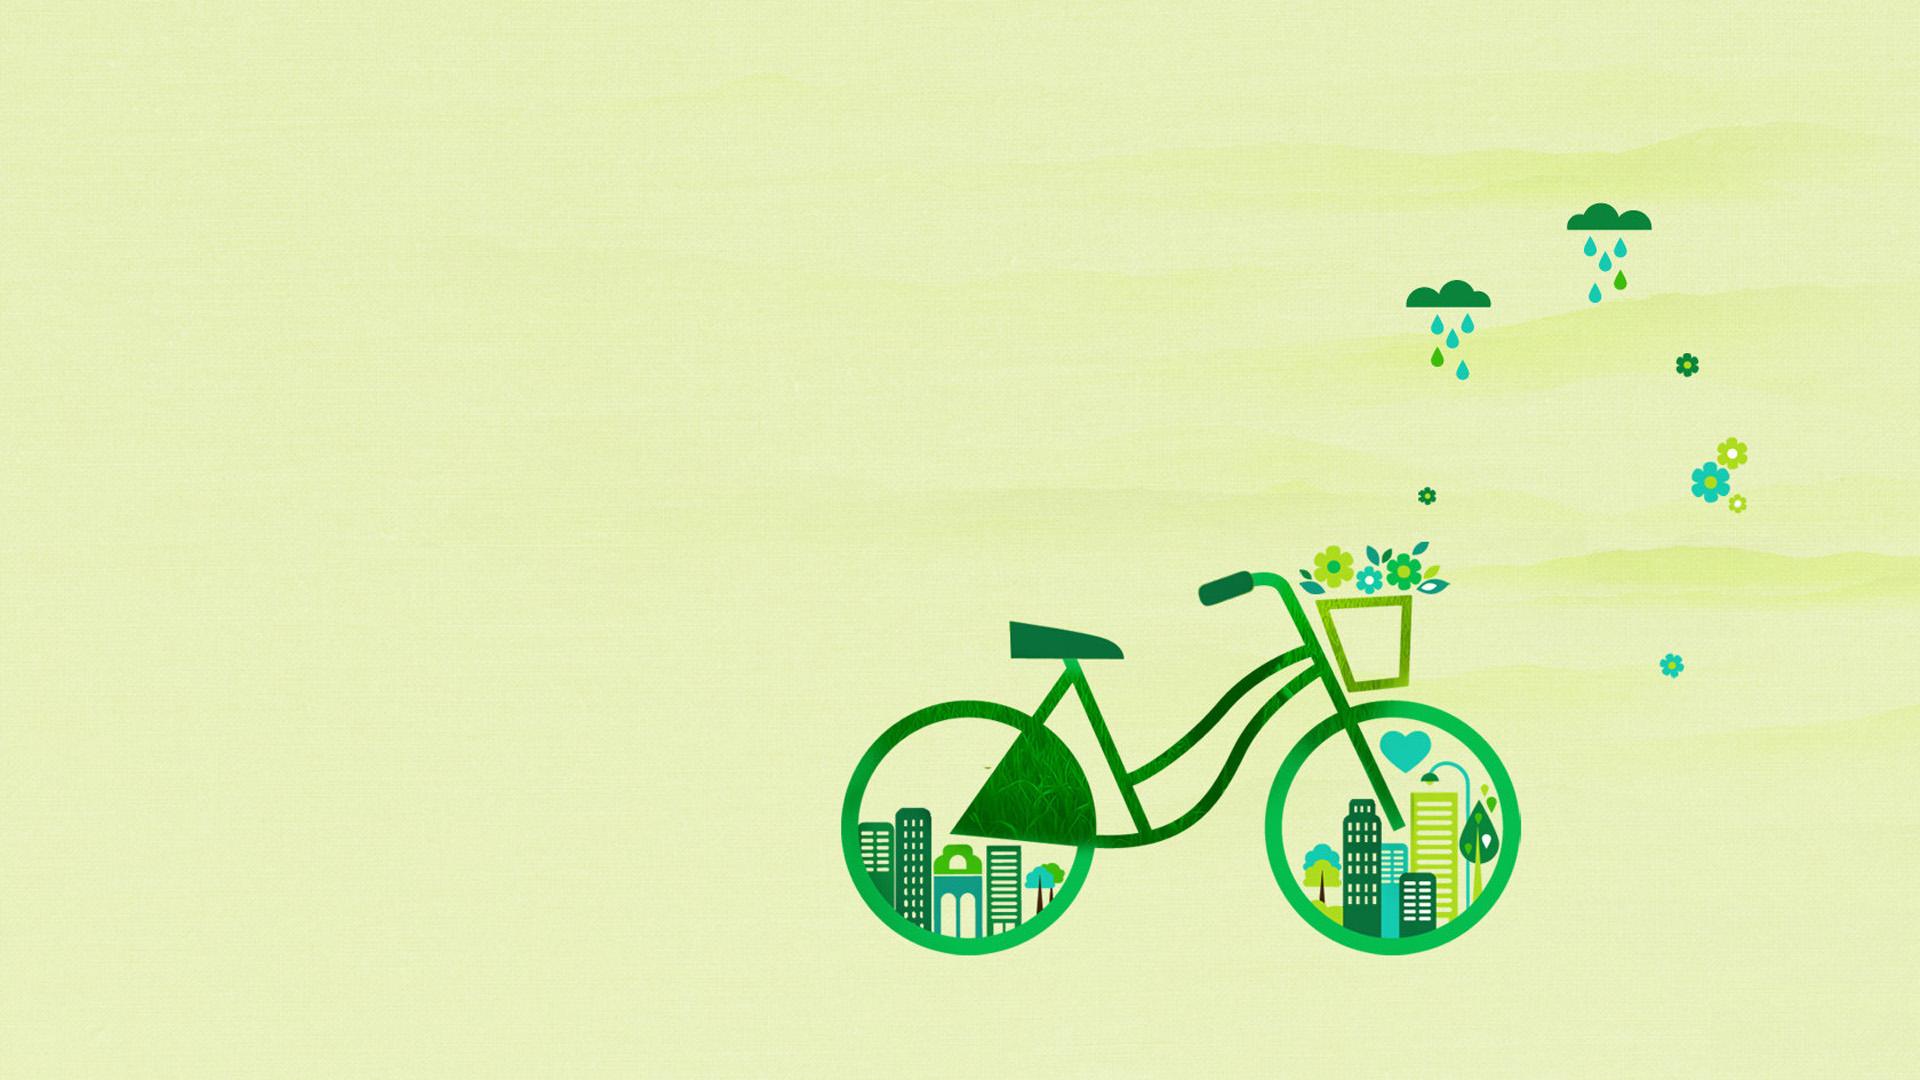 绿色旅行简约低碳环保PPT背景图片免费下载是由PPT宝藏(www.pptbz.com)会员zengmin上传推荐的简约PPT背景图片, 更新时间为2017-01-20,素材编号120426。 环境保护一般是指人类为解决现实或潜在的环境问题,协调人类与环境的关系,保护人类的生存环境、保障经济社会的可持续发展而采取的各种行动的总称。其方法和手段有工程技术的、行政管理的,也有经济的、宣传教育的等。 环境保护简称环保。环境保护(environmental protection)涉及的范围广、综合性强,它涉及自然科